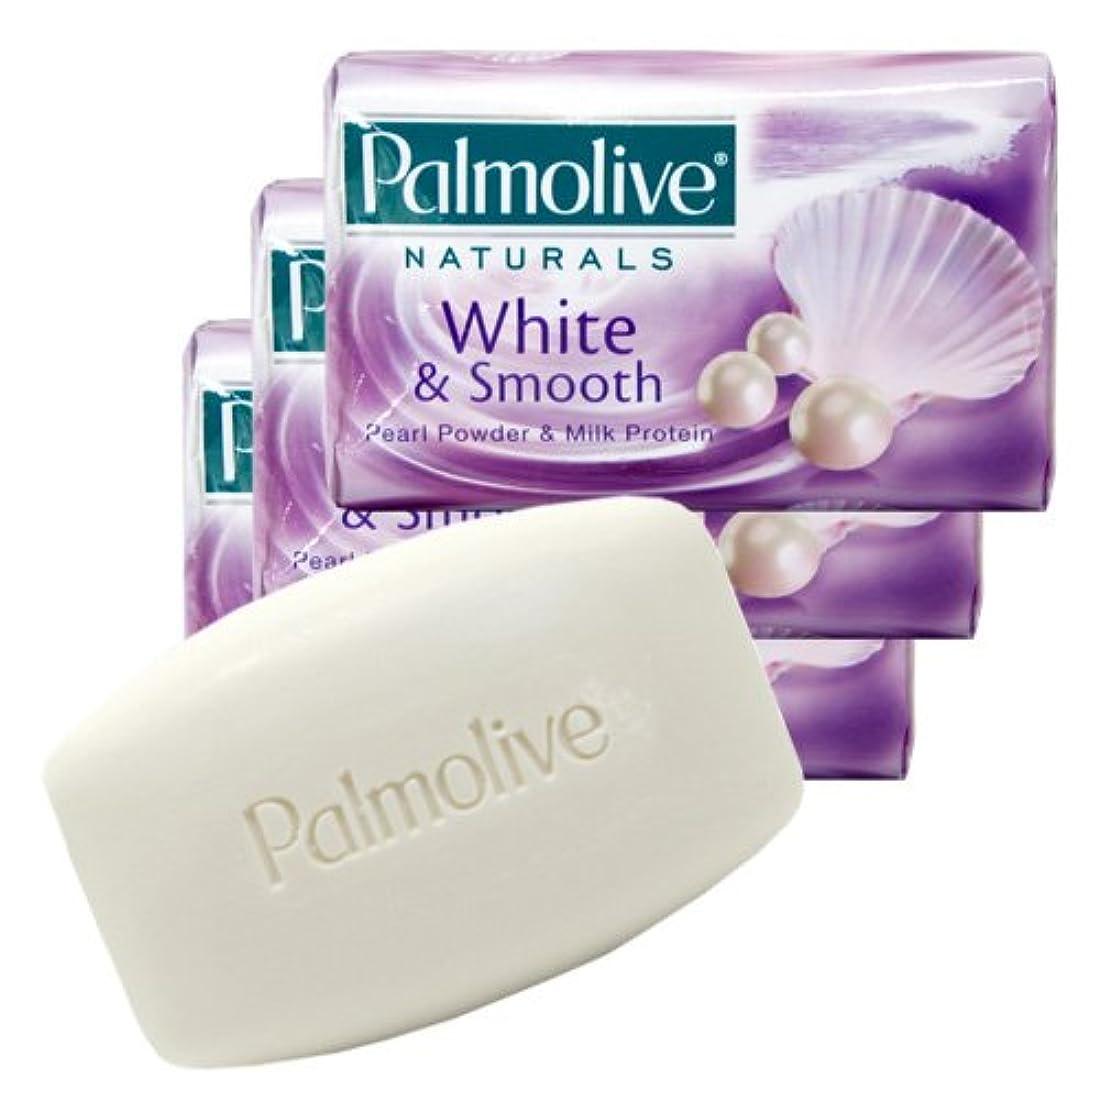 クラウン話す栄光【Palmolive】パルモリーブ ナチュラルズ石鹸3個パック ホワイト&スムース(パールパウダー&ミルクプロテイン)80g×3